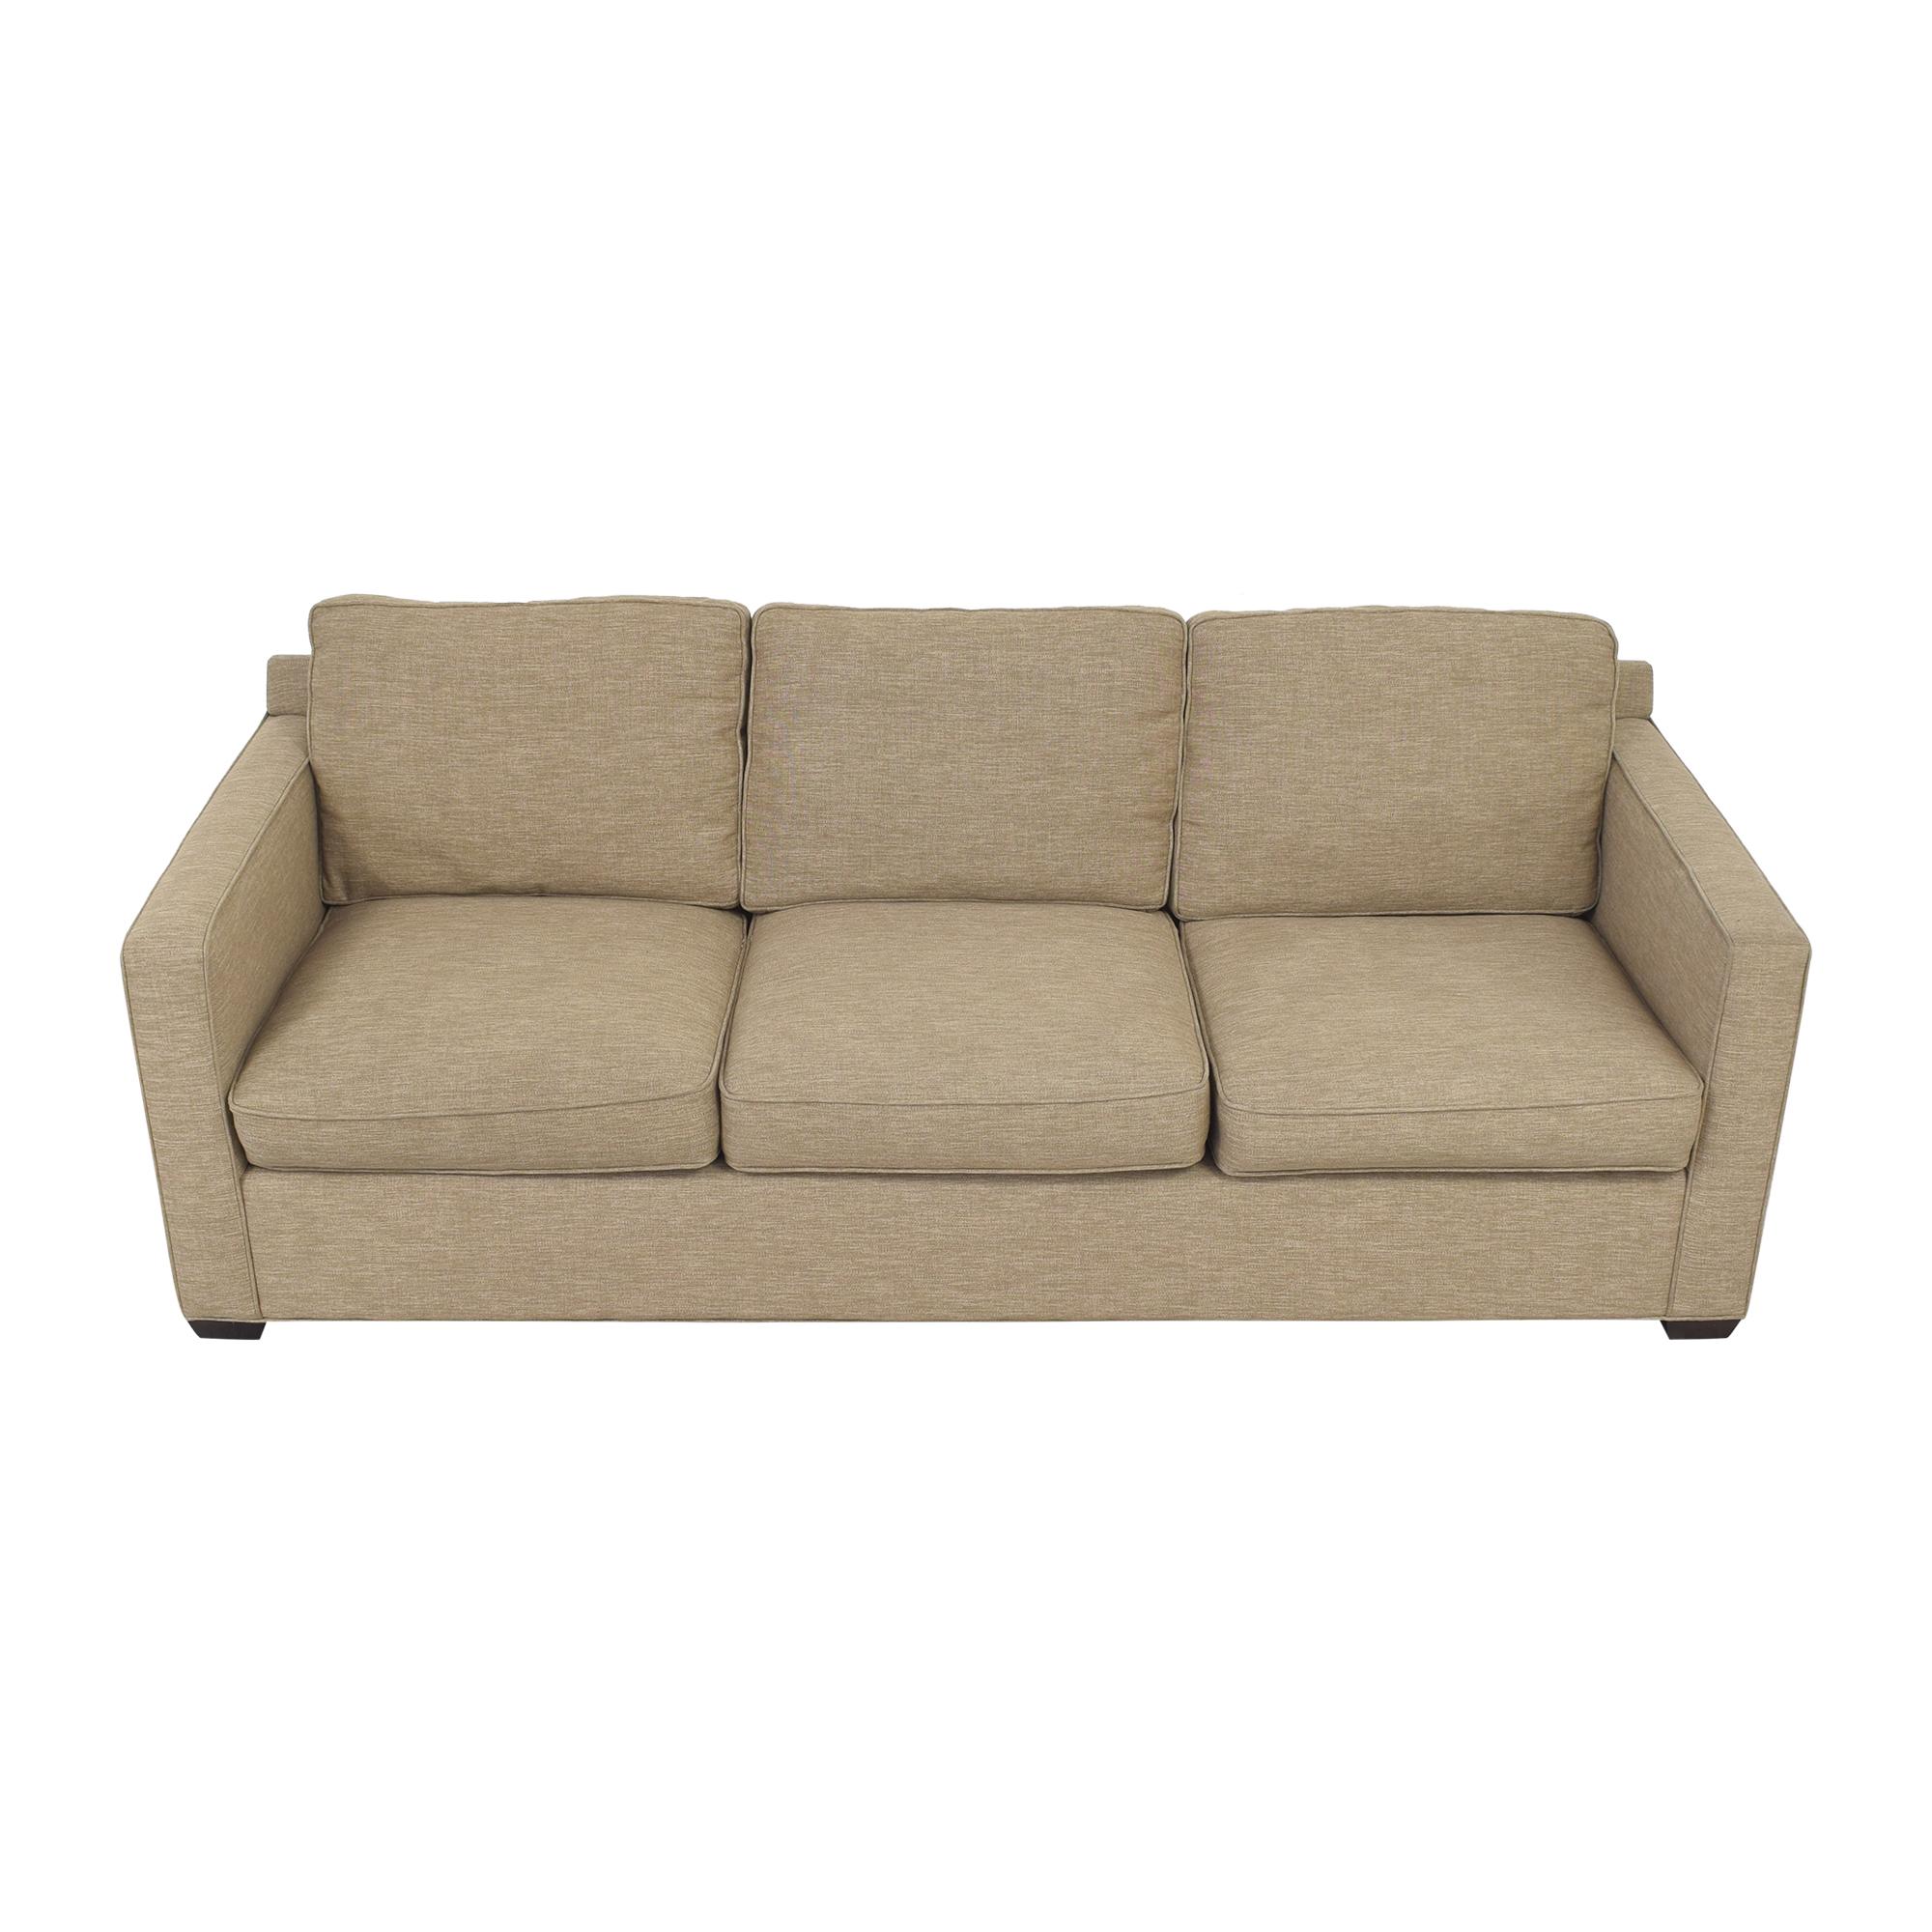 Crate & Barrel Crate & Barrel Davis 3 Seat Sofa nyc